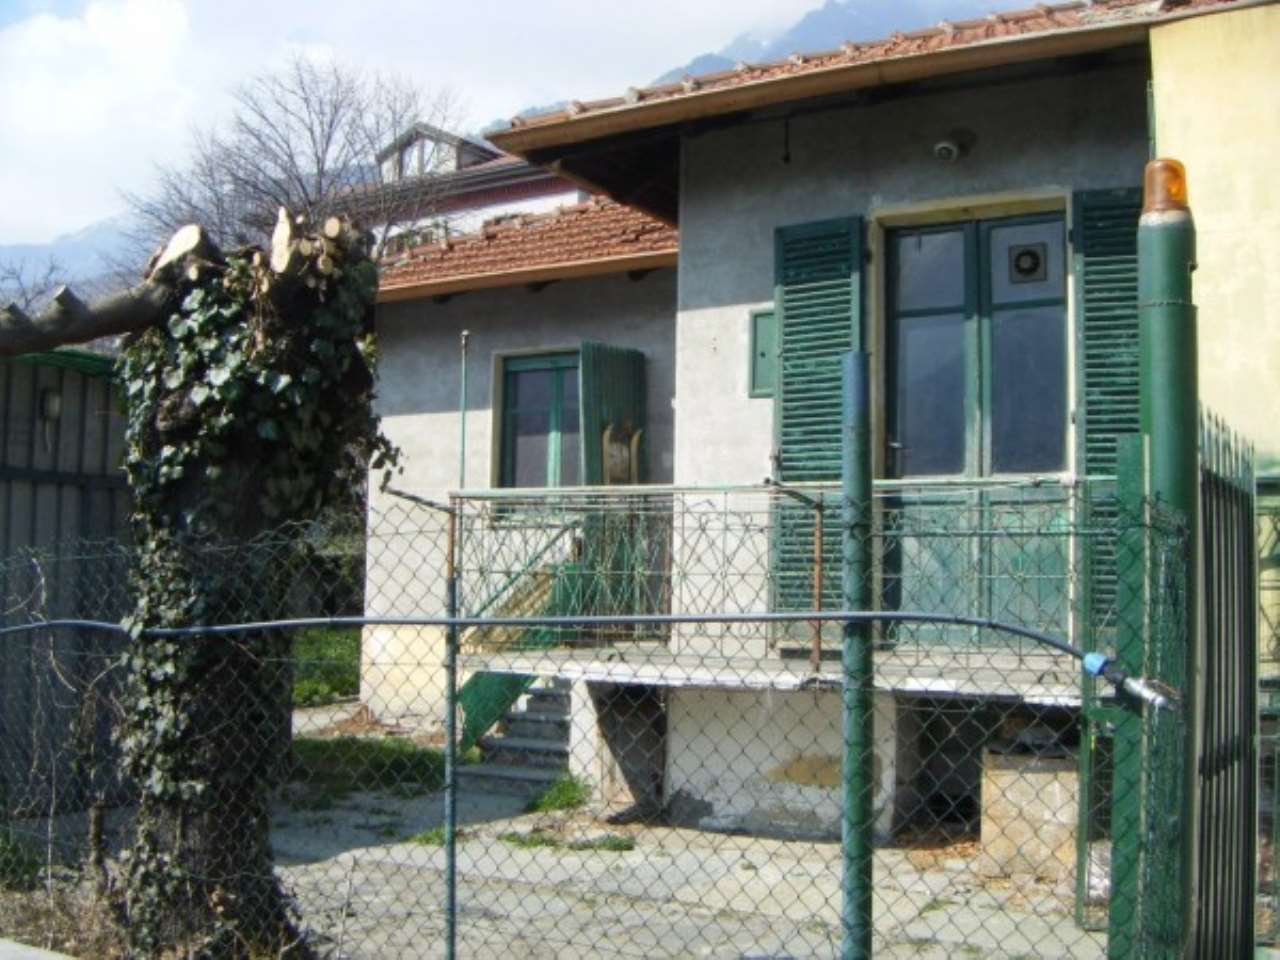 Rustico / Casale in vendita a Bussoleno, 3 locali, prezzo € 62.000 | Cambio Casa.it